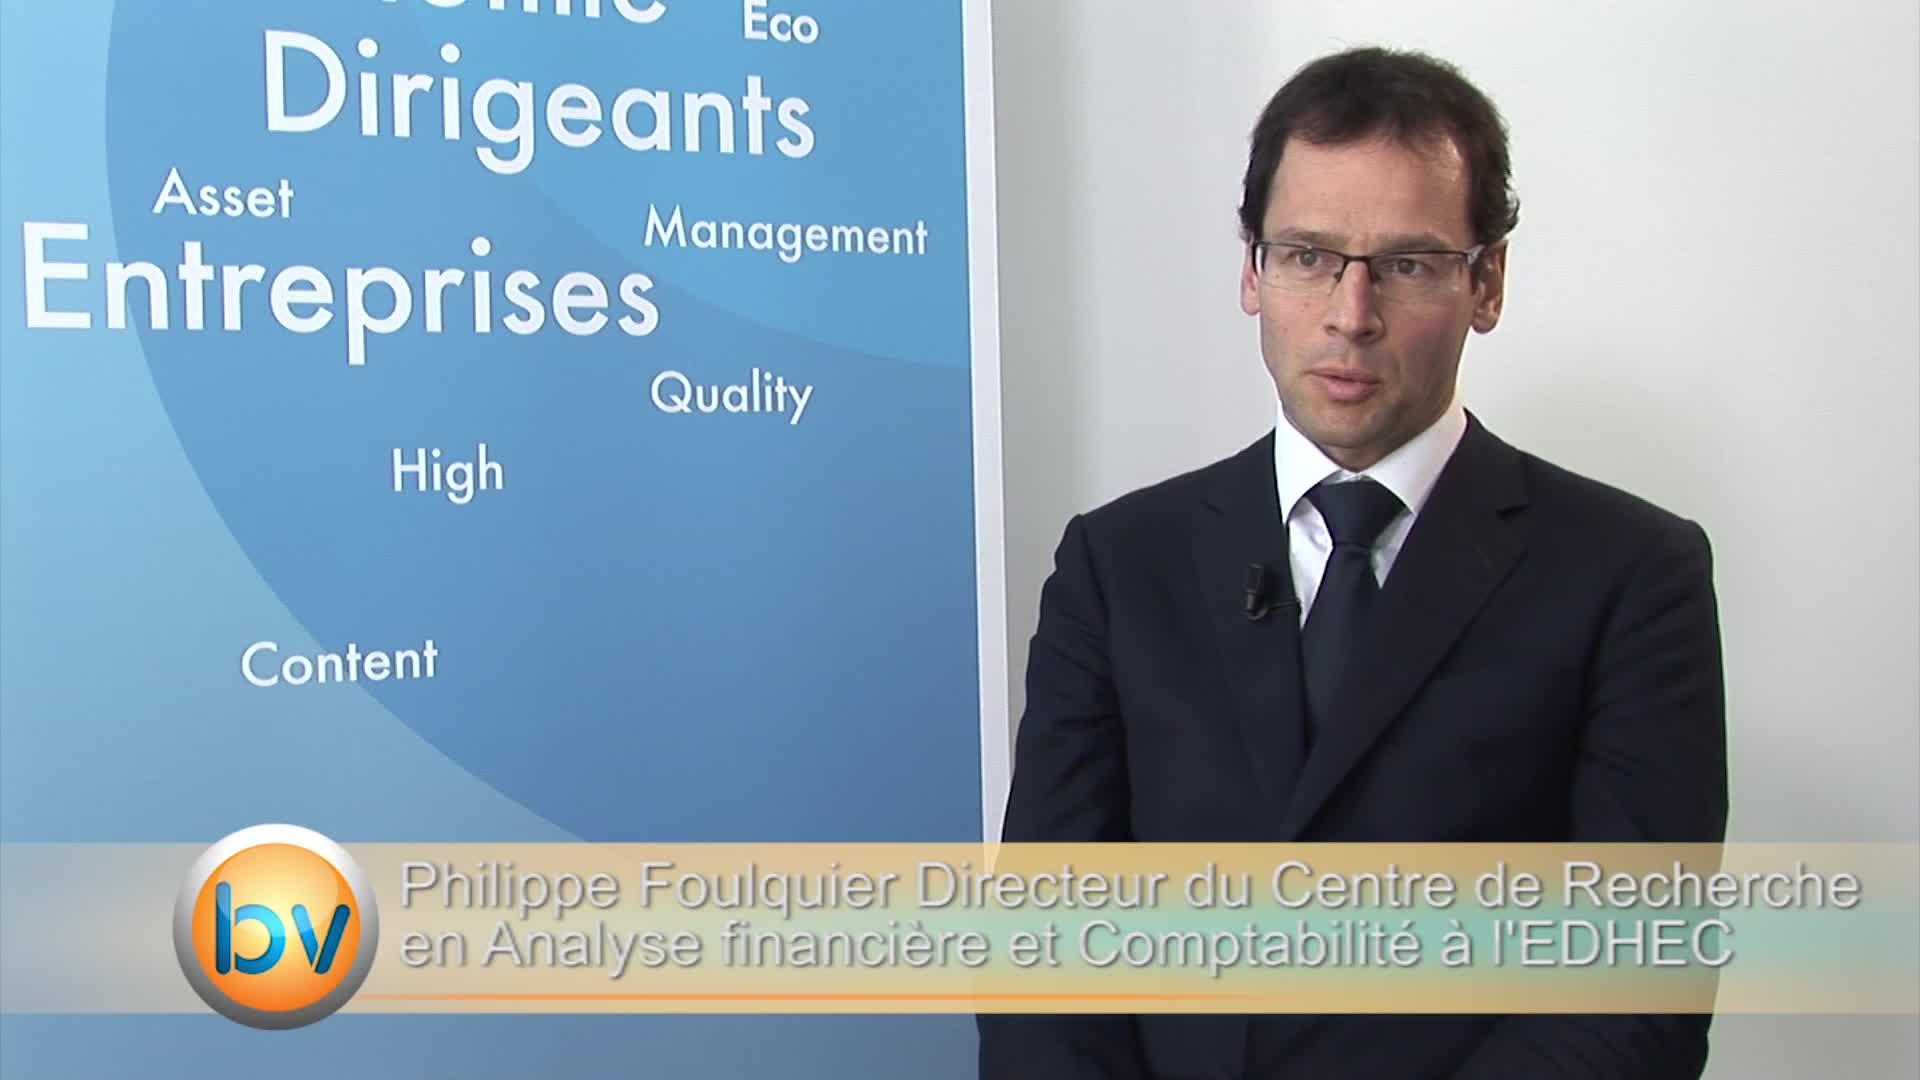 Philippe Foulquier Directeur Centre de Recherche en Analyse Financière et Comptabilité de l'EDHEC : «Nouvelle marge de manoeuvre pour les entreprises familiales»